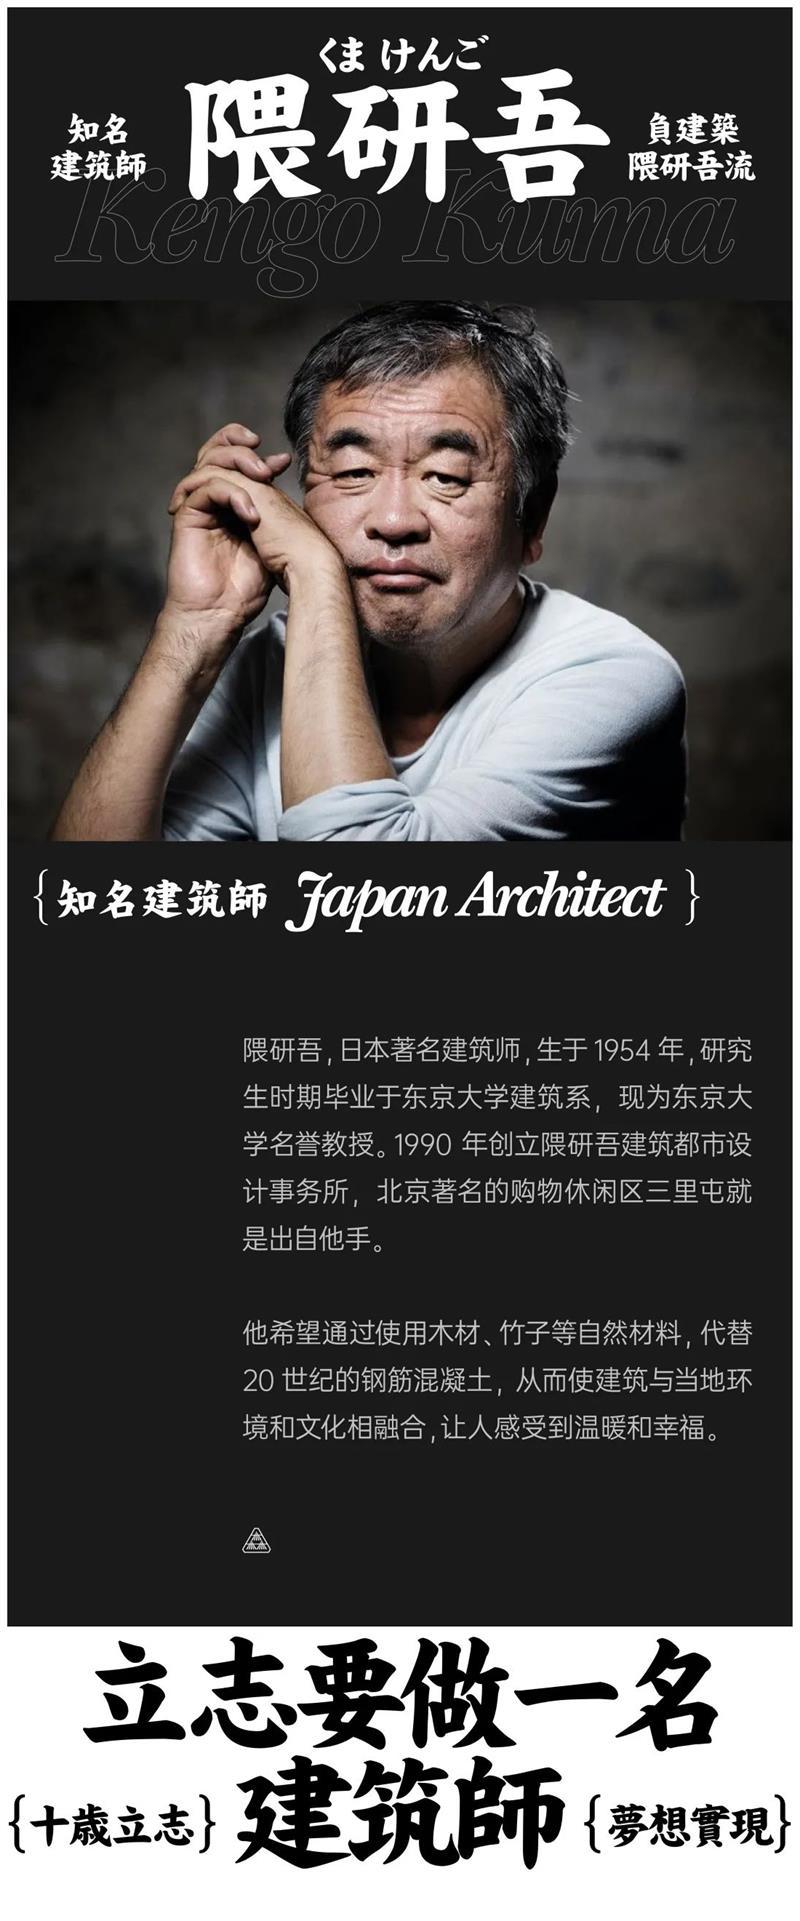 从被驱逐到神逆袭:顶尖日本建筑师、负建筑创始人隈研吾